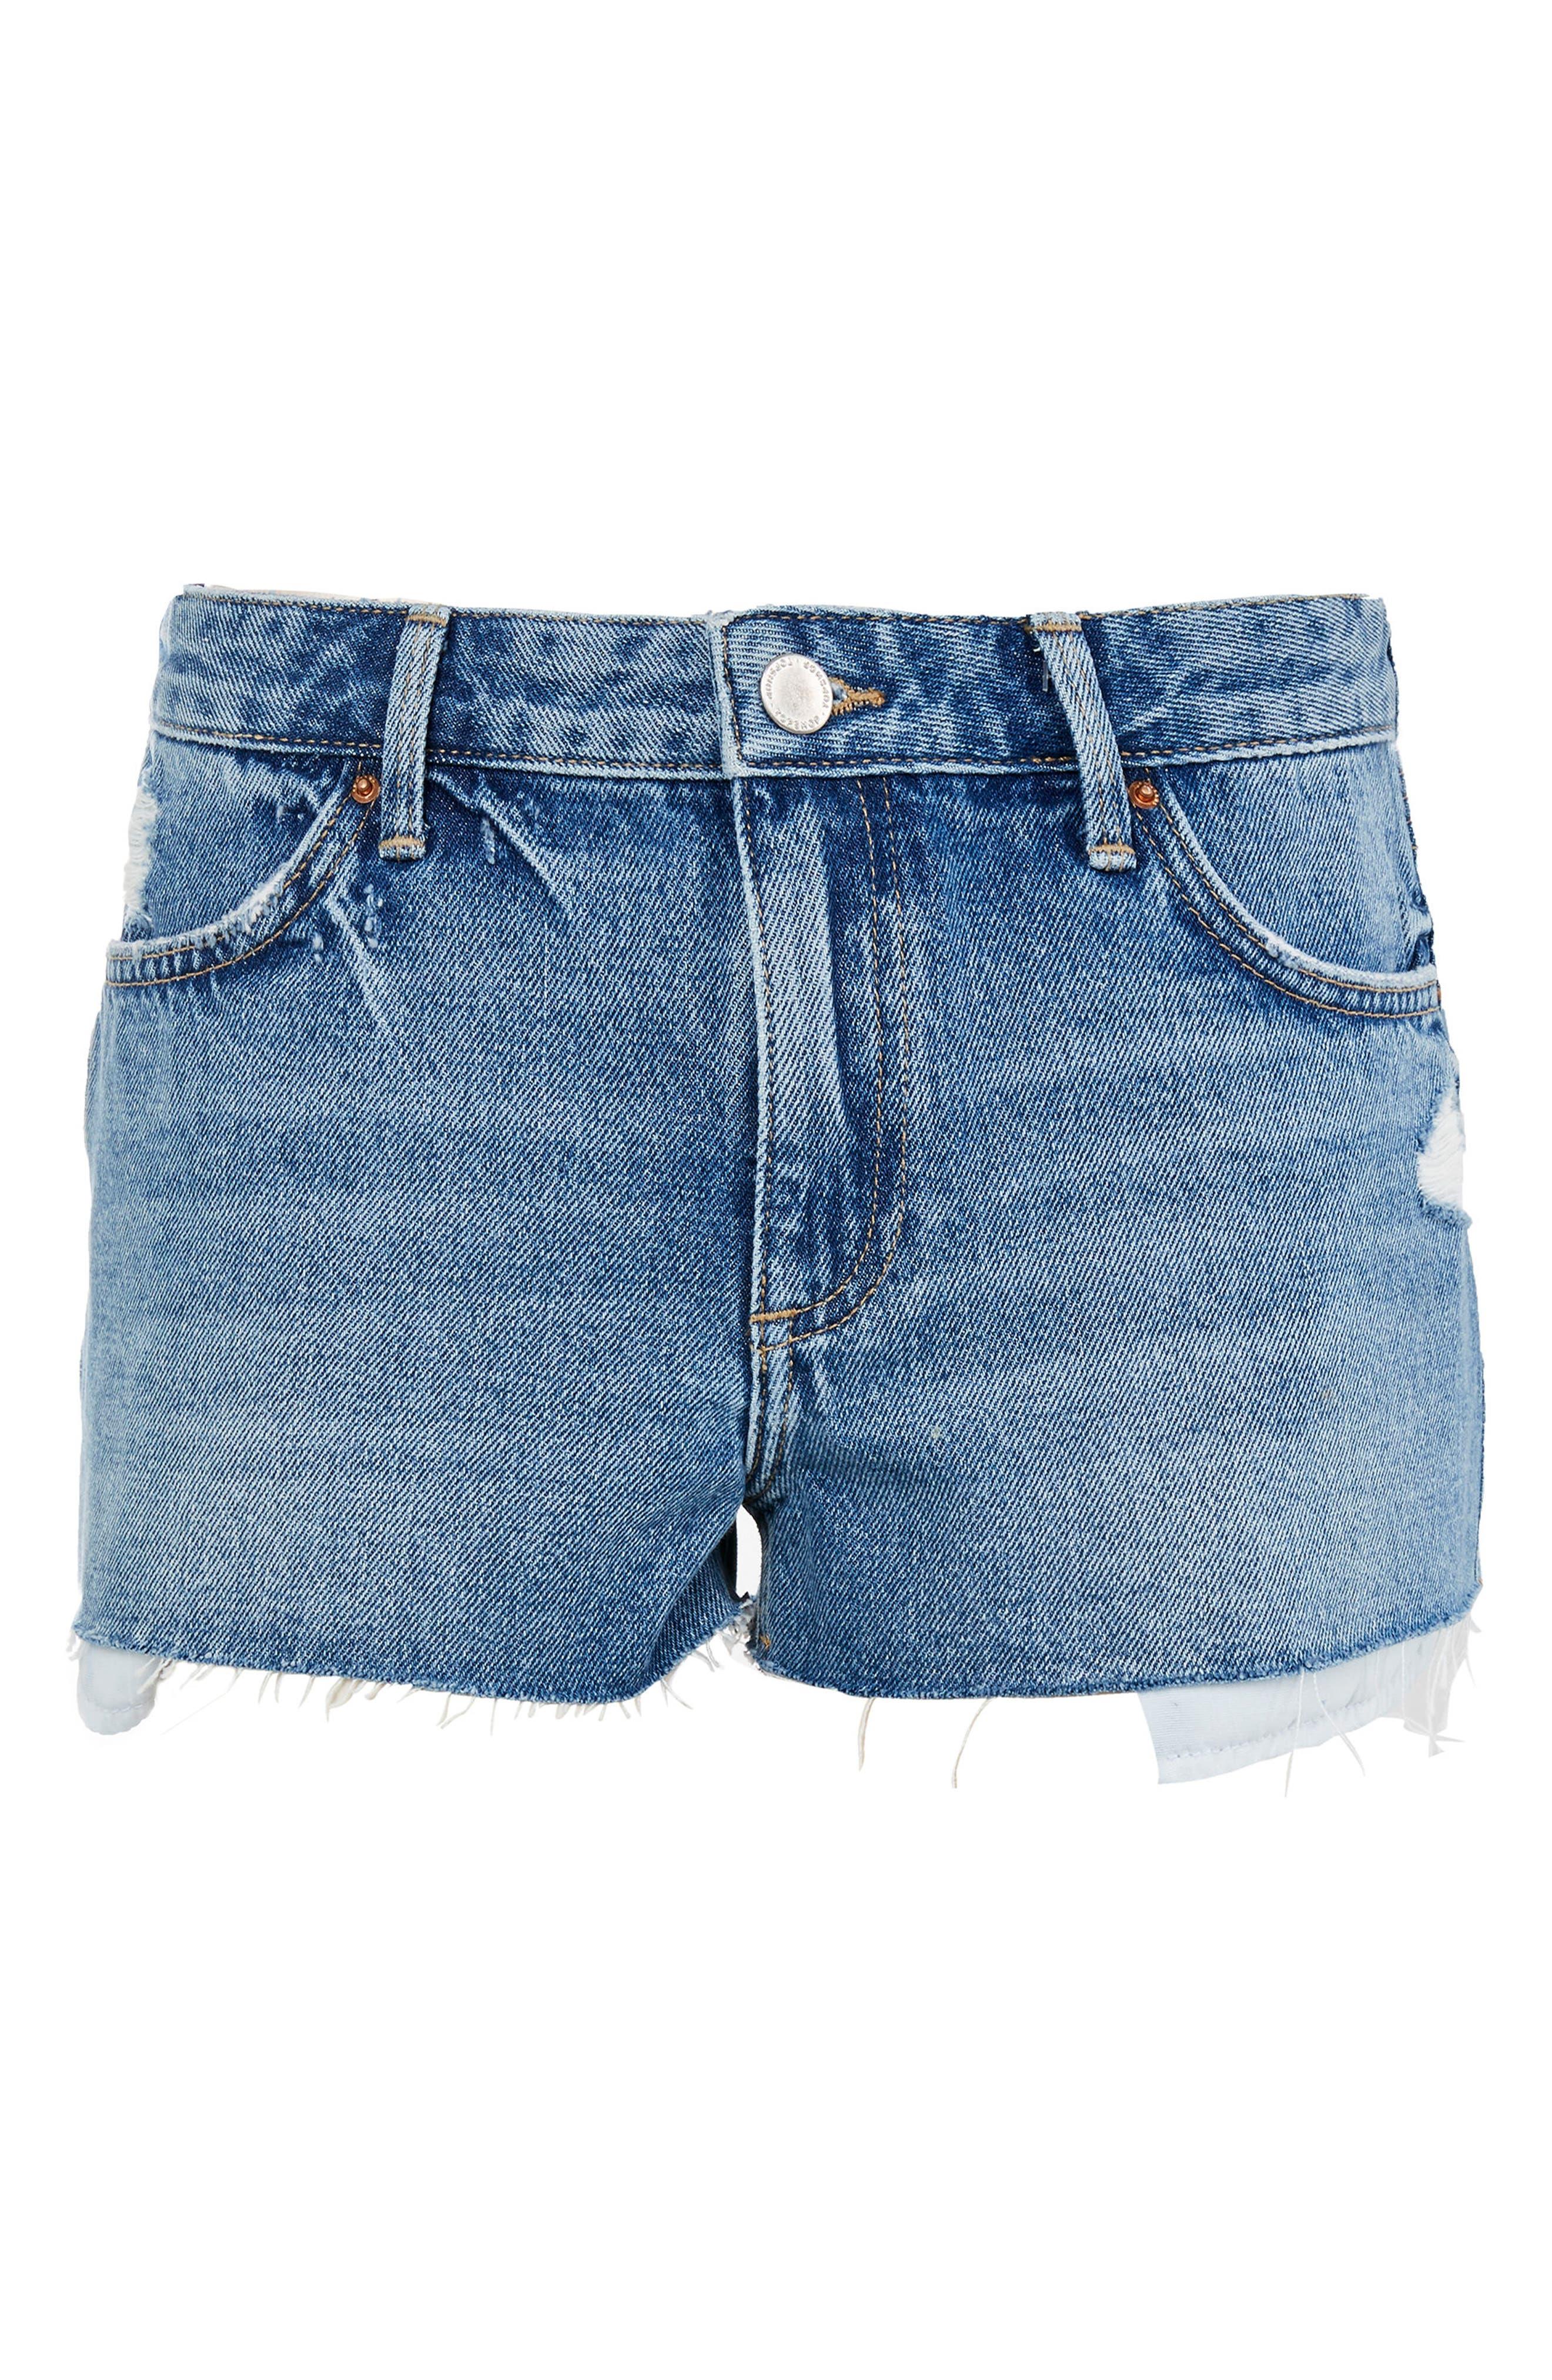 Cory Moto Mid Denim Shorts,                             Alternate thumbnail 3, color,                             420